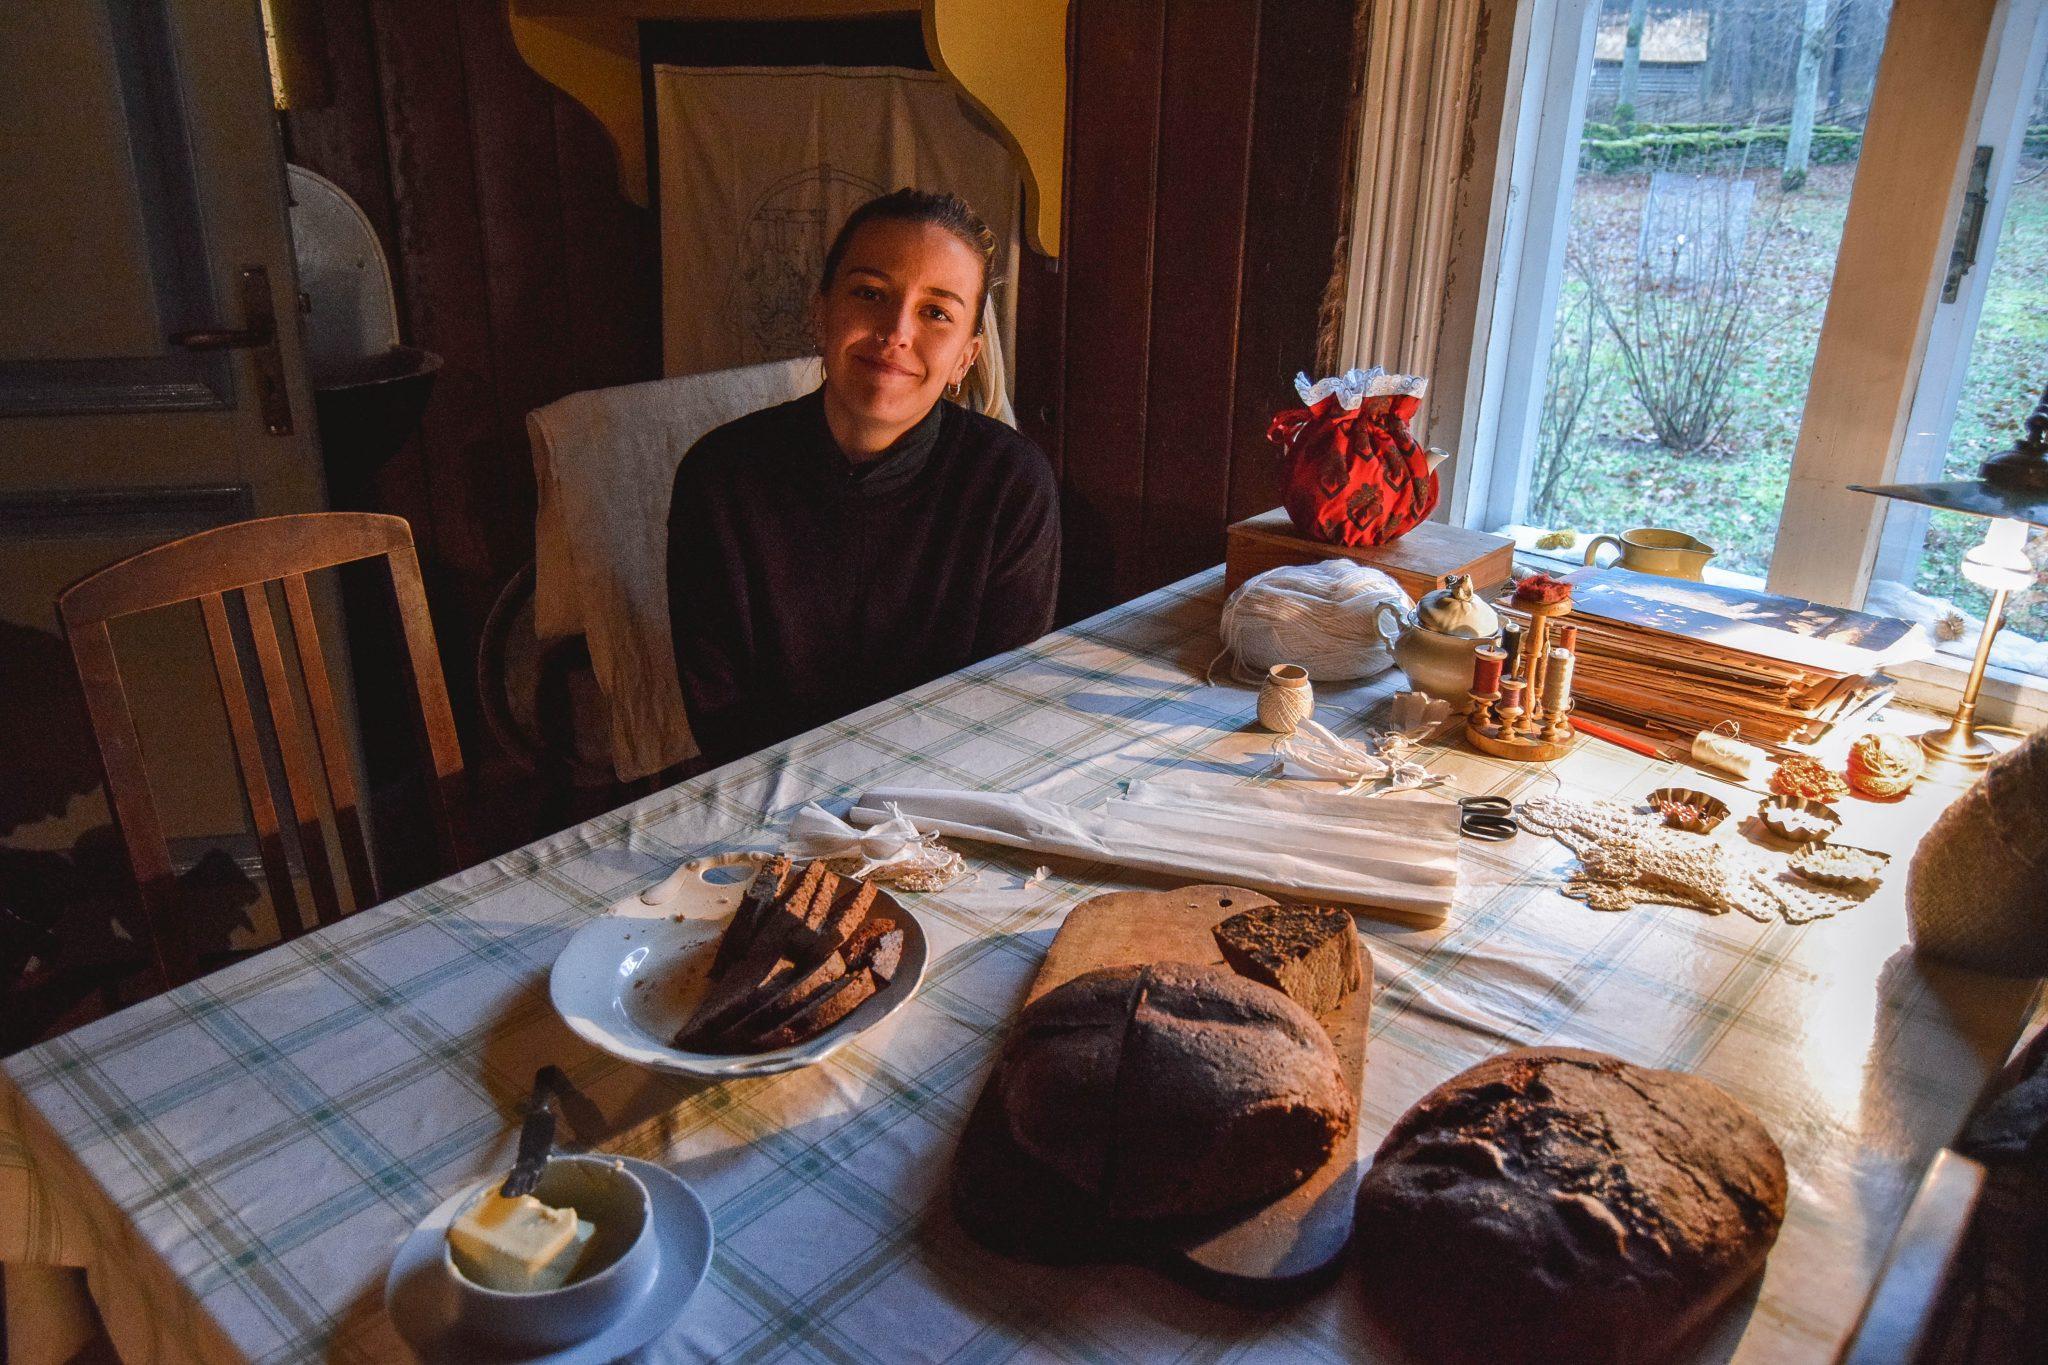 Things To Do In Tallinn In Winter Tallinn Things To Do - Eat Rye Bread In Estonia